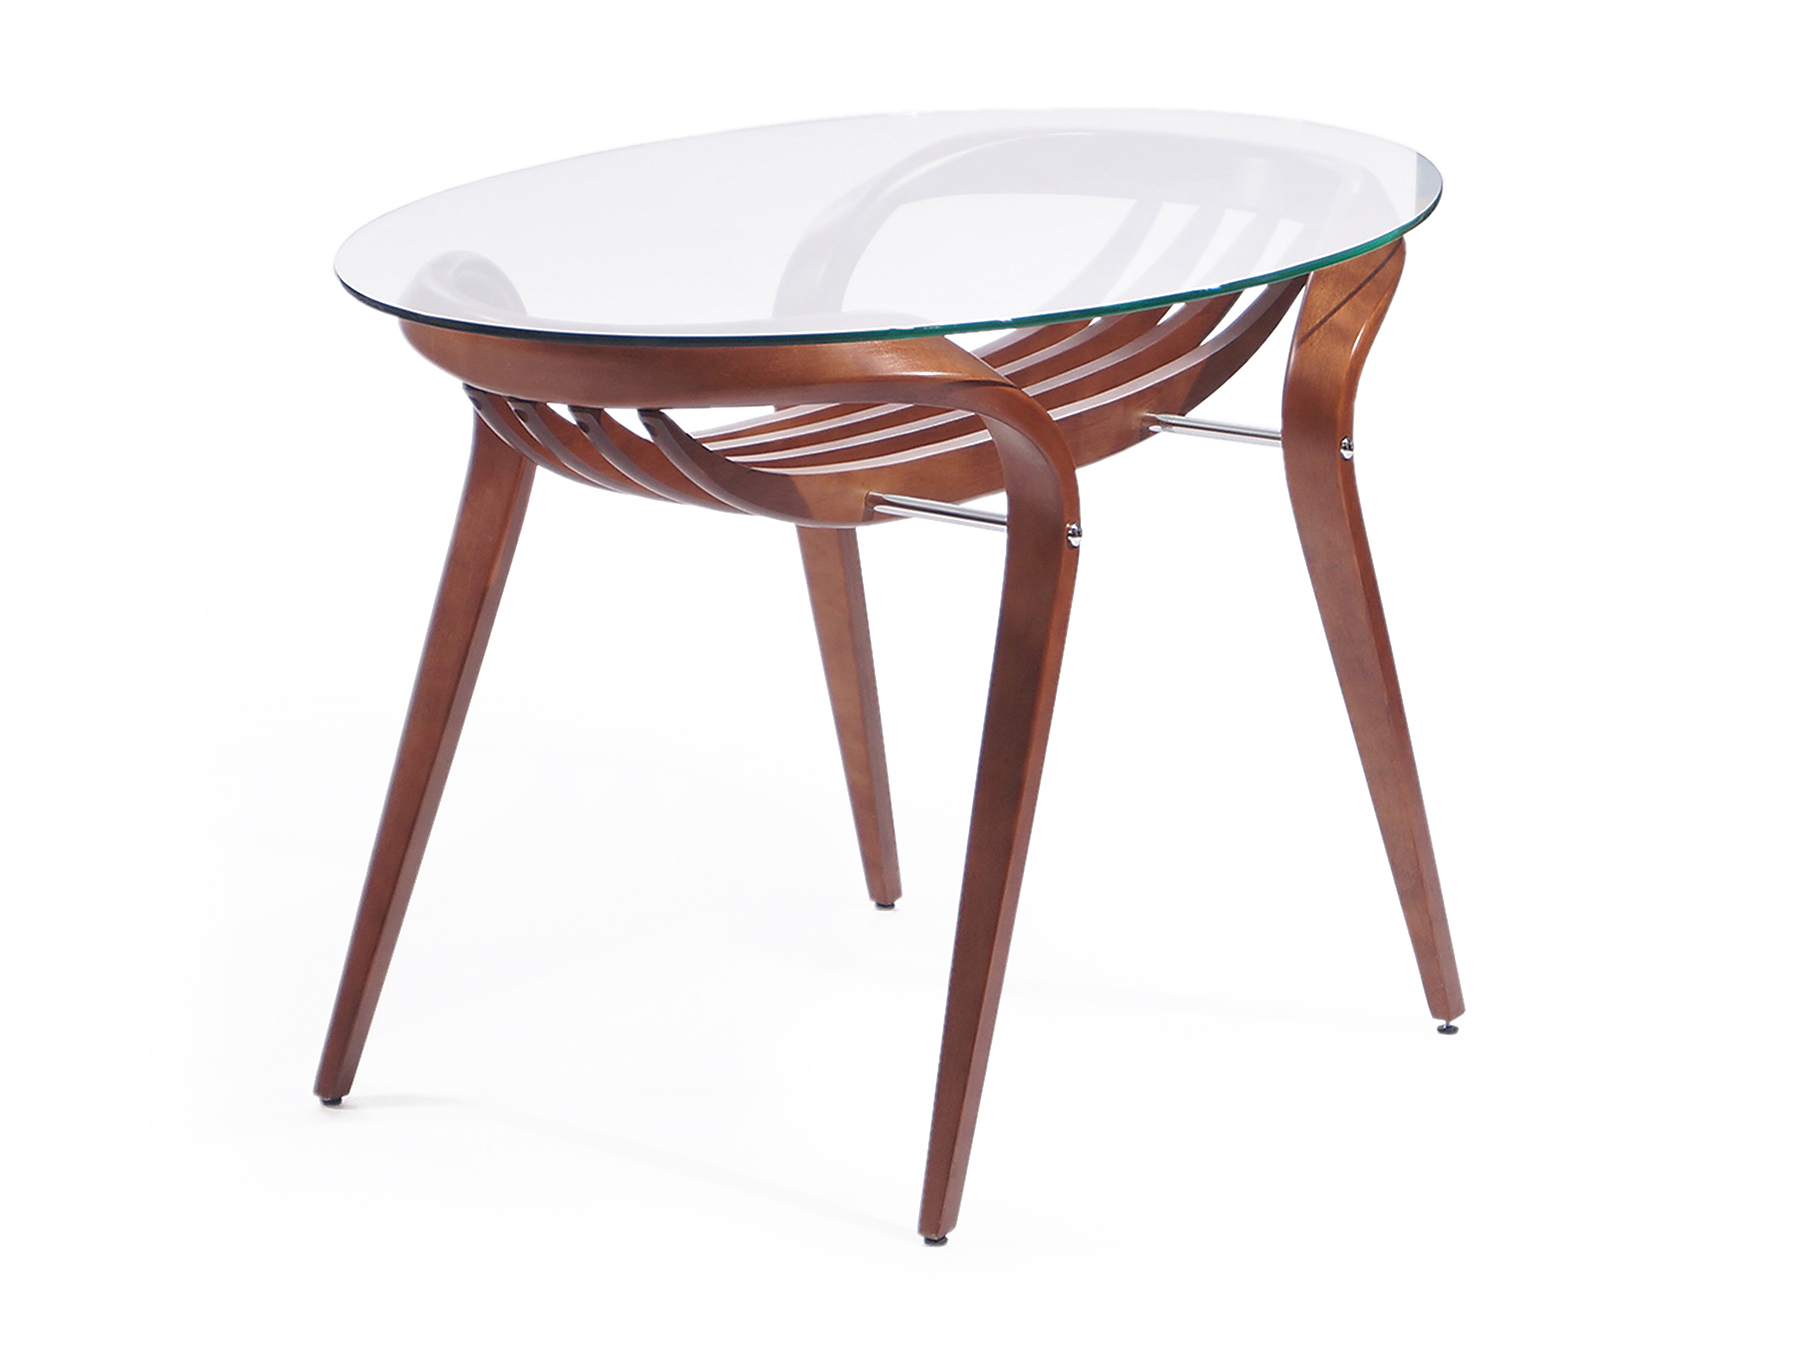 """Cтол обеденный AprioriОбеденные столы<br>В сегодняшнее время высоких технологий и динамичности, особой популярностью пользуется мебель, выполненная в стиле арт-деко, как, например этот обеденный стол """"Apriori"""". Пластичность натуральных материалов в сочетании со стеклянной столешницей дарят неповторимый шарм и легкость.<br><br>Material: Стекло<br>Length см: None<br>Width см: 120<br>Depth см: 80<br>Height см: 75"""